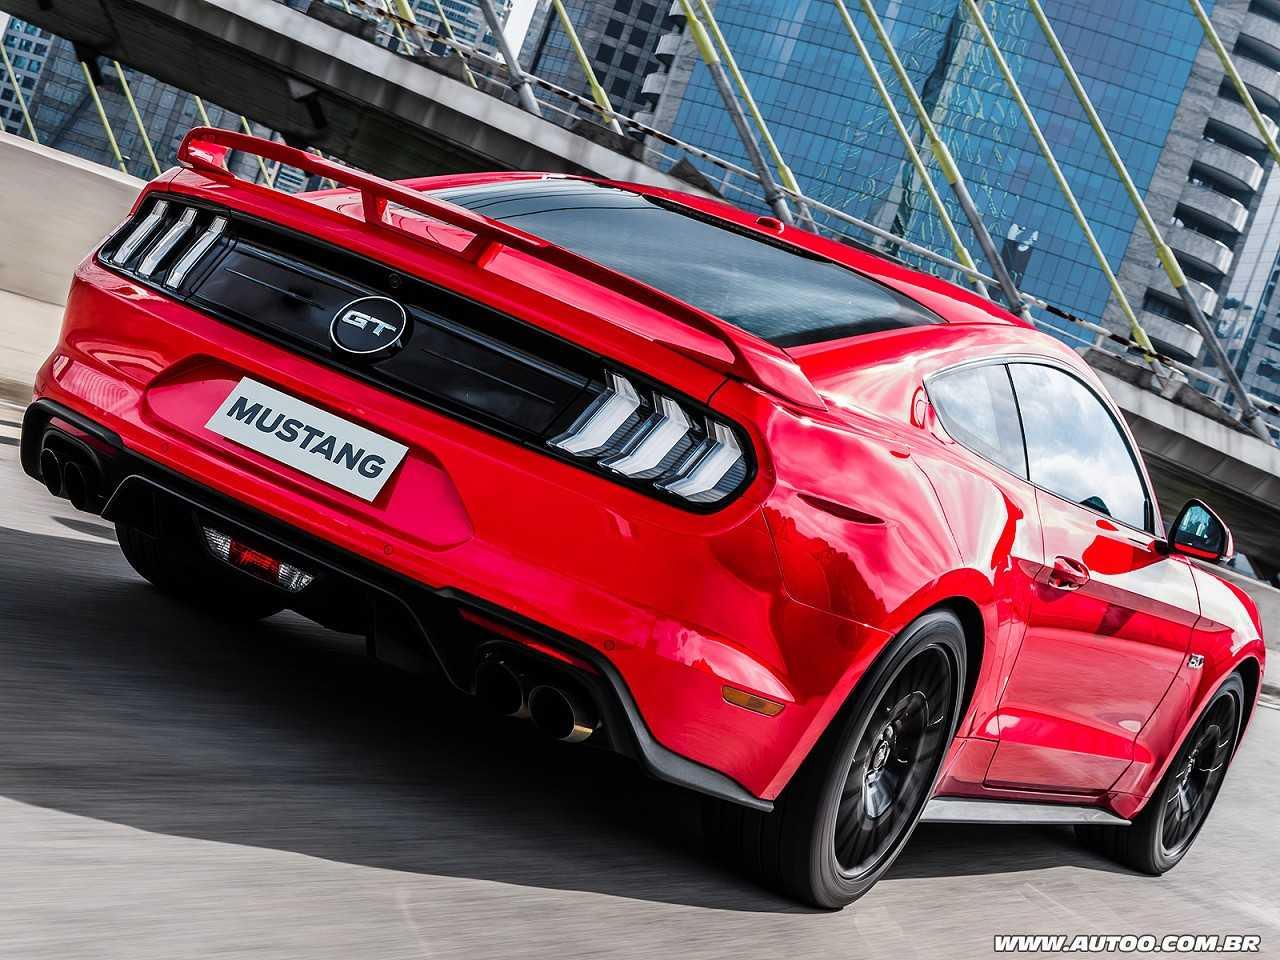 FordMustang 2018 - ângulo traseiro